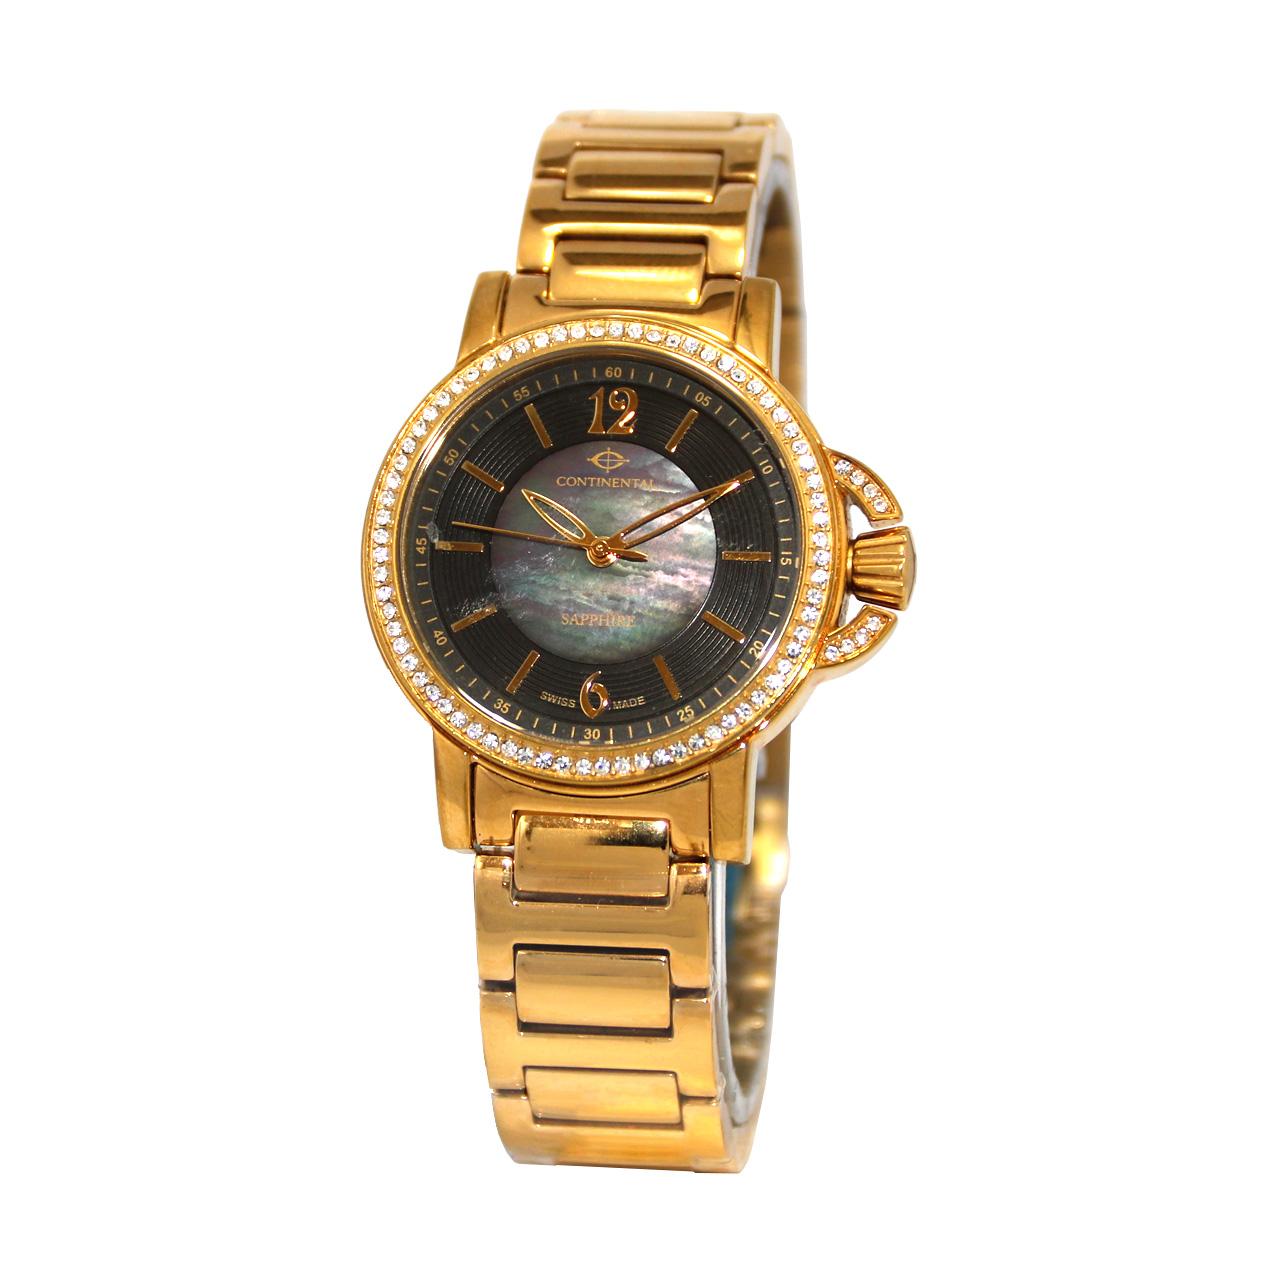 ساعت مچی عقربه ای زنانه کنتیننتال مدل 12260-234D